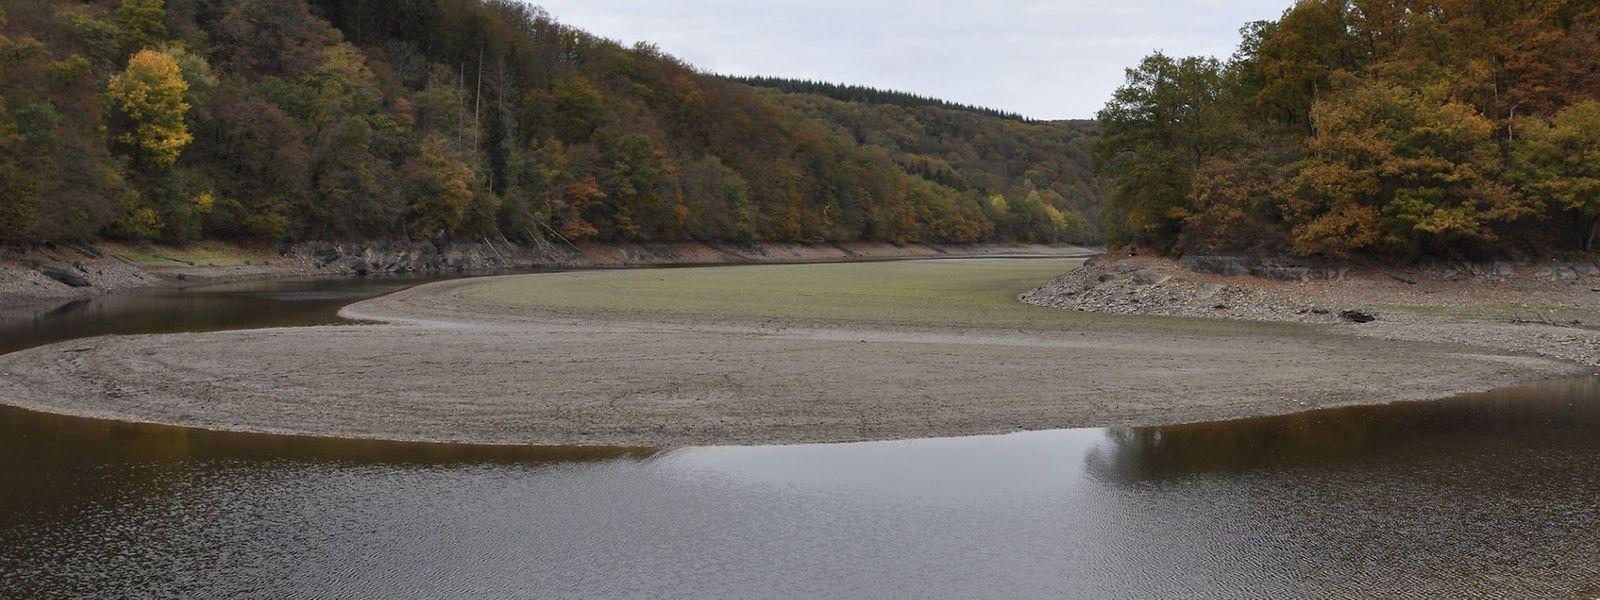 In Höhe der Misärsbréck hat sich das Wasser besonders weit zurückgezogen.